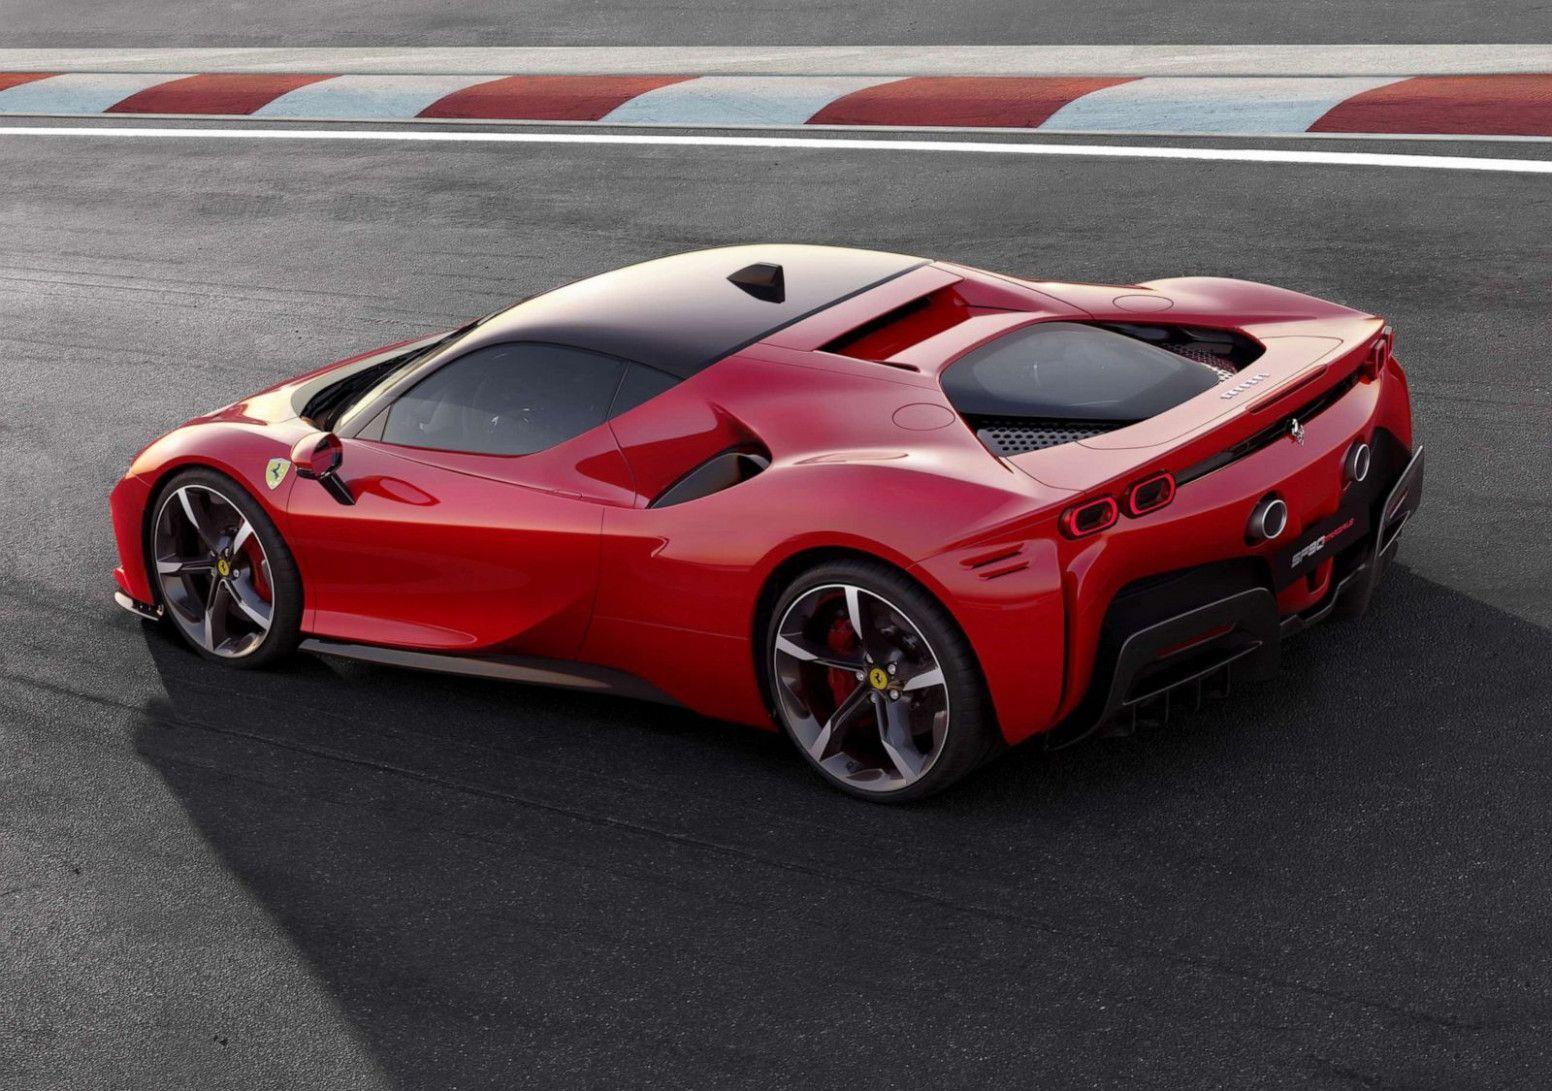 10 Picture Ferrari 2020 Engine Fire Up In 2020 Super Cars New Ferrari Hybrid Car